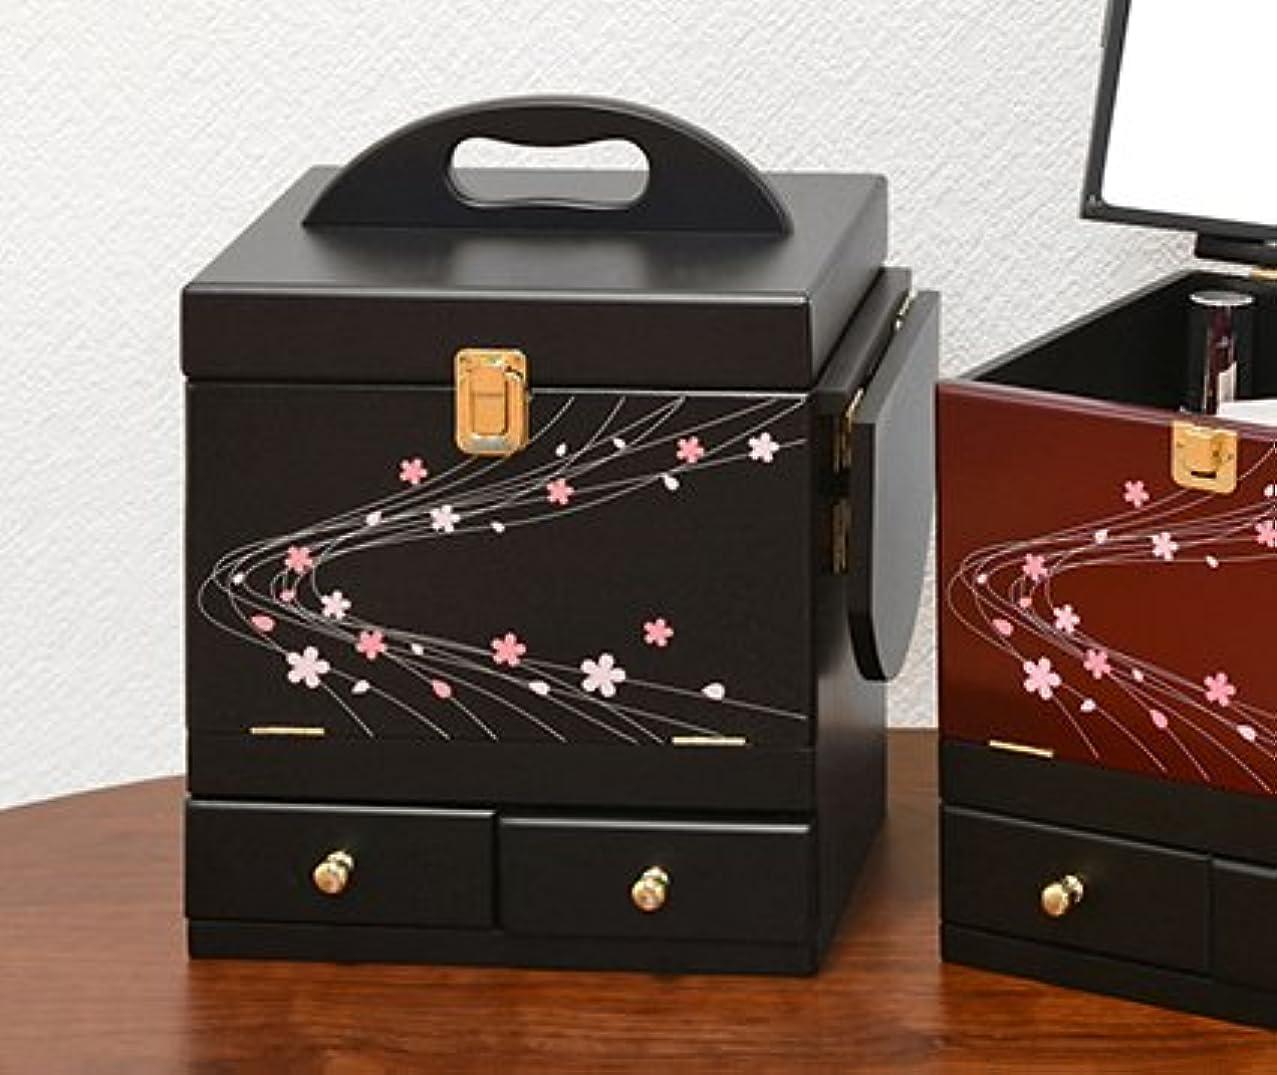 ピュー部財団コスメボックス 化粧ボックス ジュエリーボックス コスメ収納 収納ボックス 化粧台 3面鏡 和風 完成品 折りたたみ式 軽量 ブラック